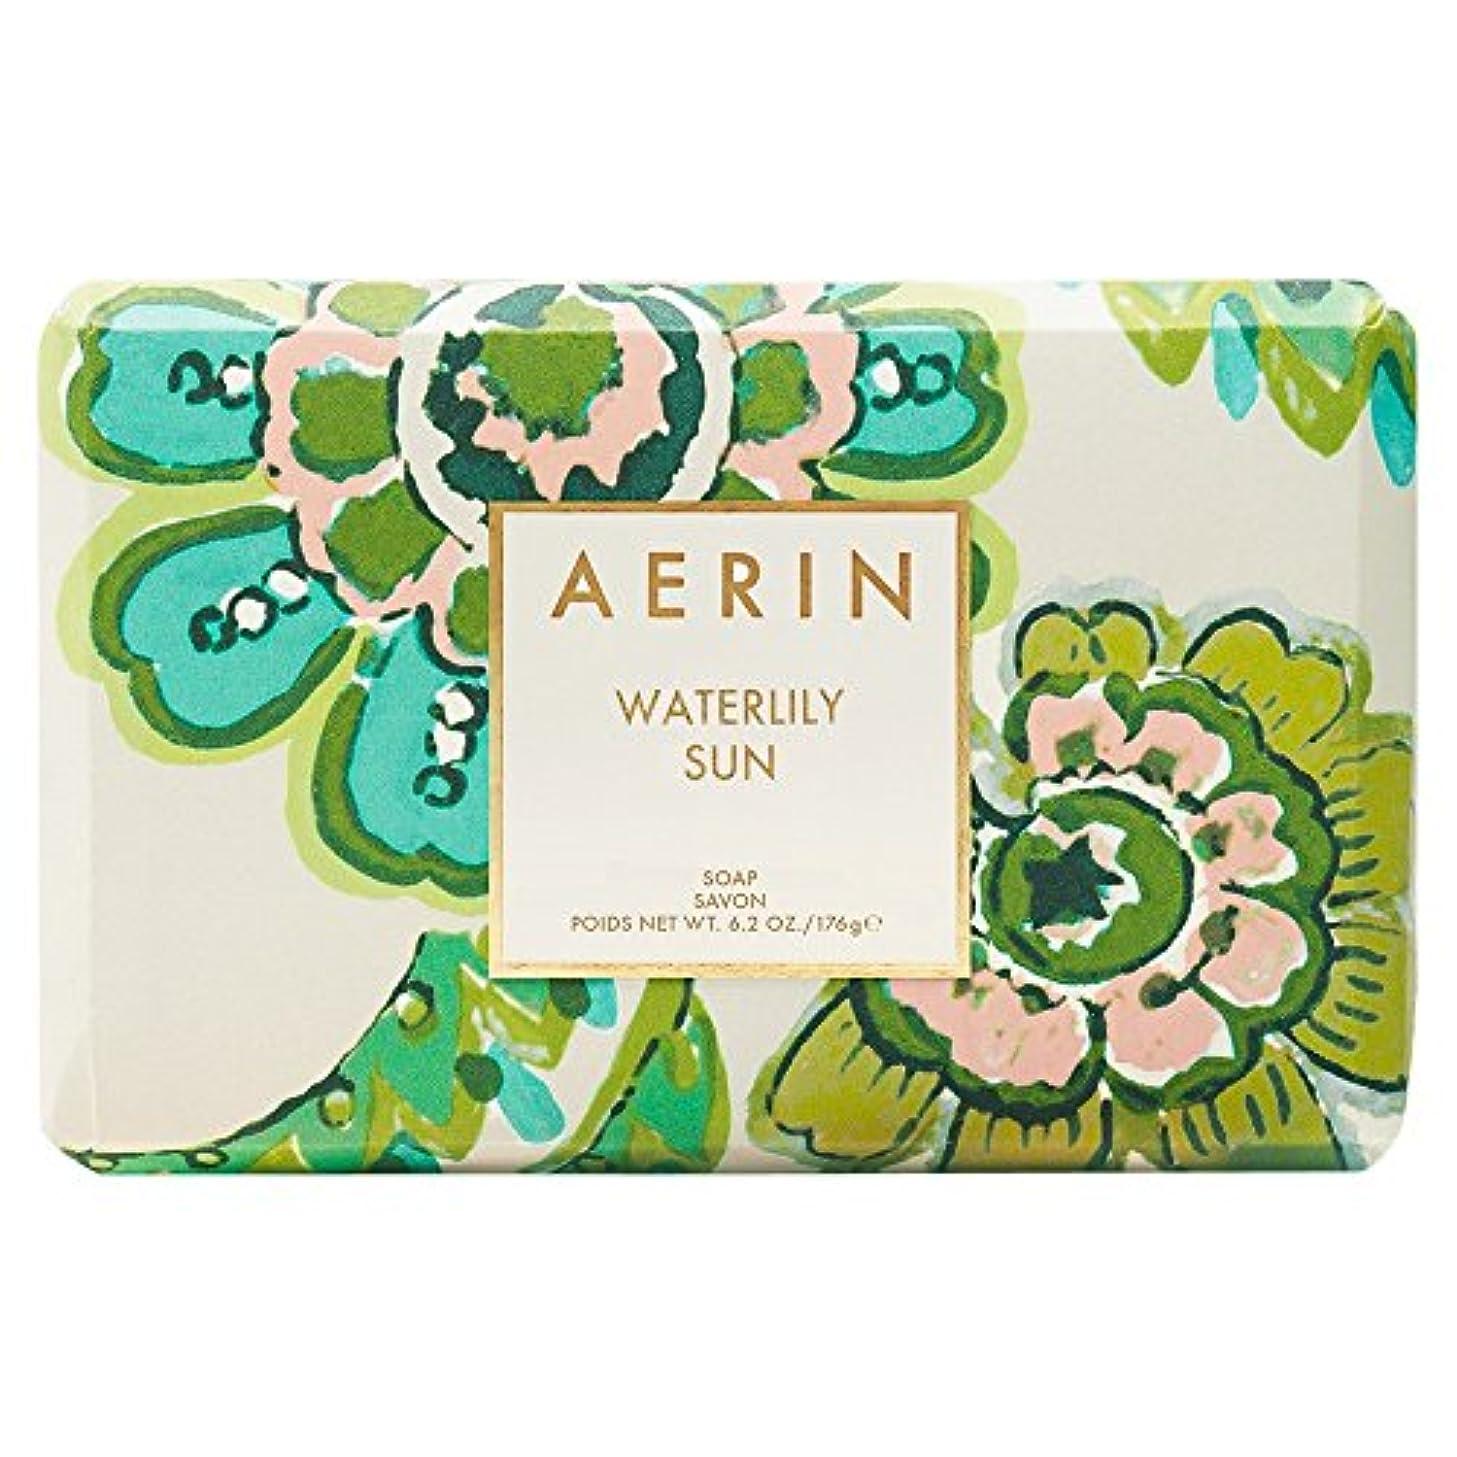 性差別ささやきサンドイッチAerinスイレン日石鹸176グラム (AERIN) (x2) - AERIN Waterlily Sun Soap 176g (Pack of 2) [並行輸入品]